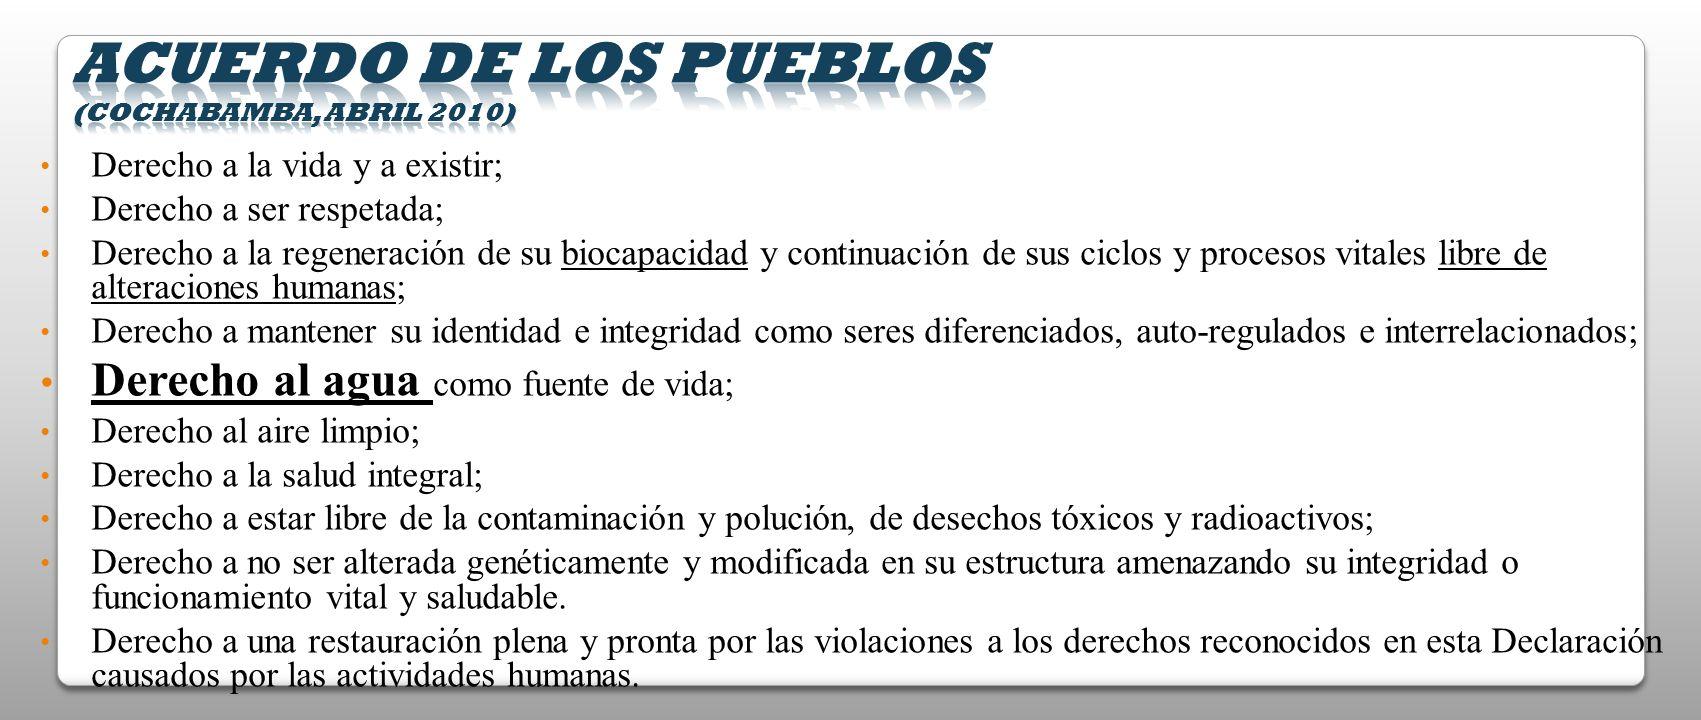 Acuerdo de los Pueblos (Cochabamba, abril 2010)